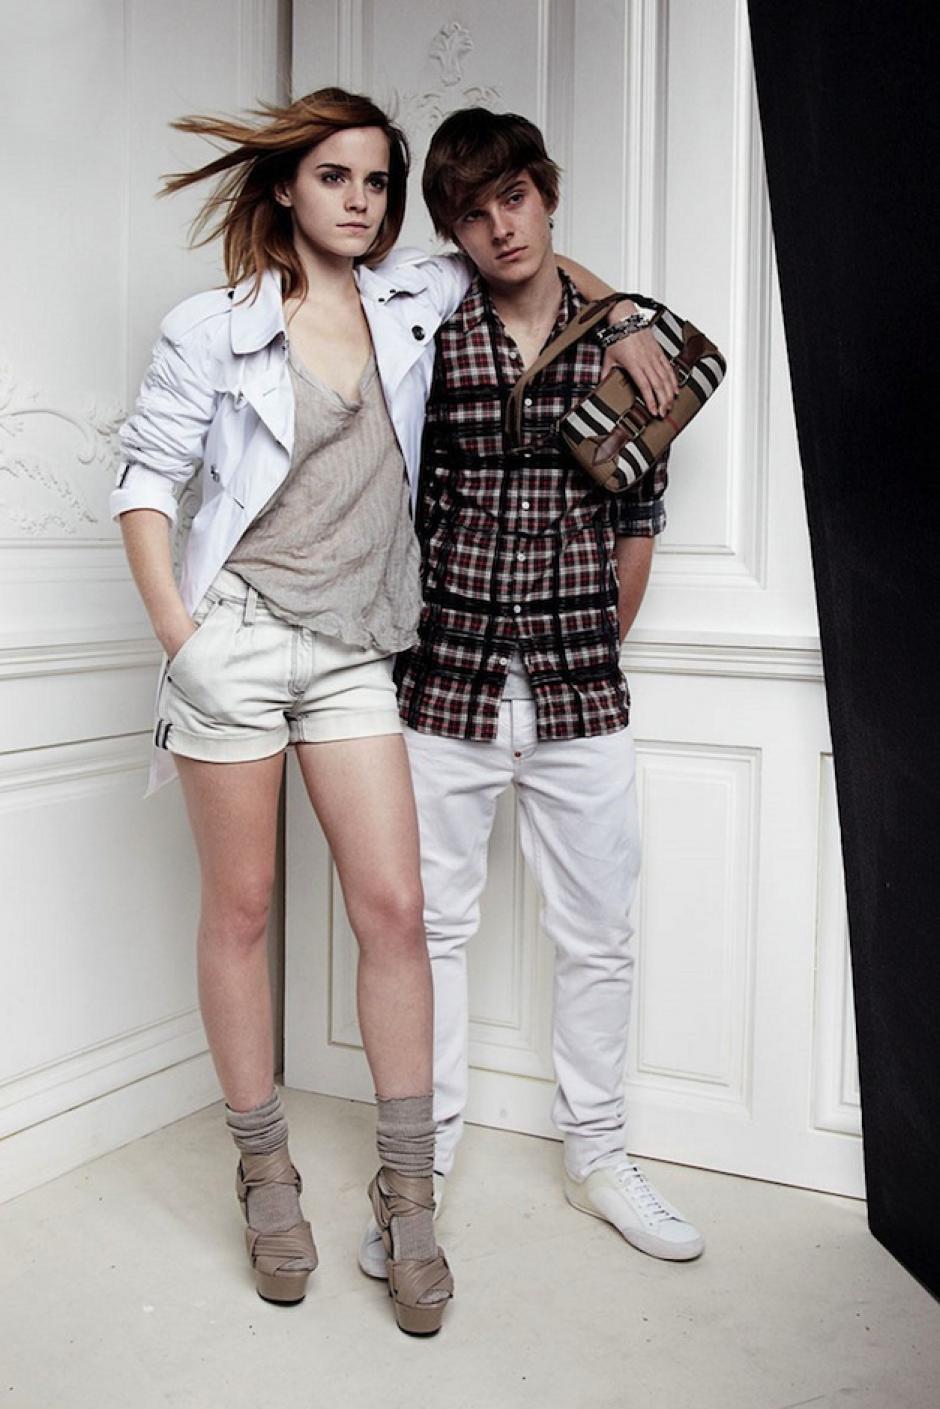 El joven es una estrella del modelaje y ha posado junto a su hermana. (Foto: Burberry)